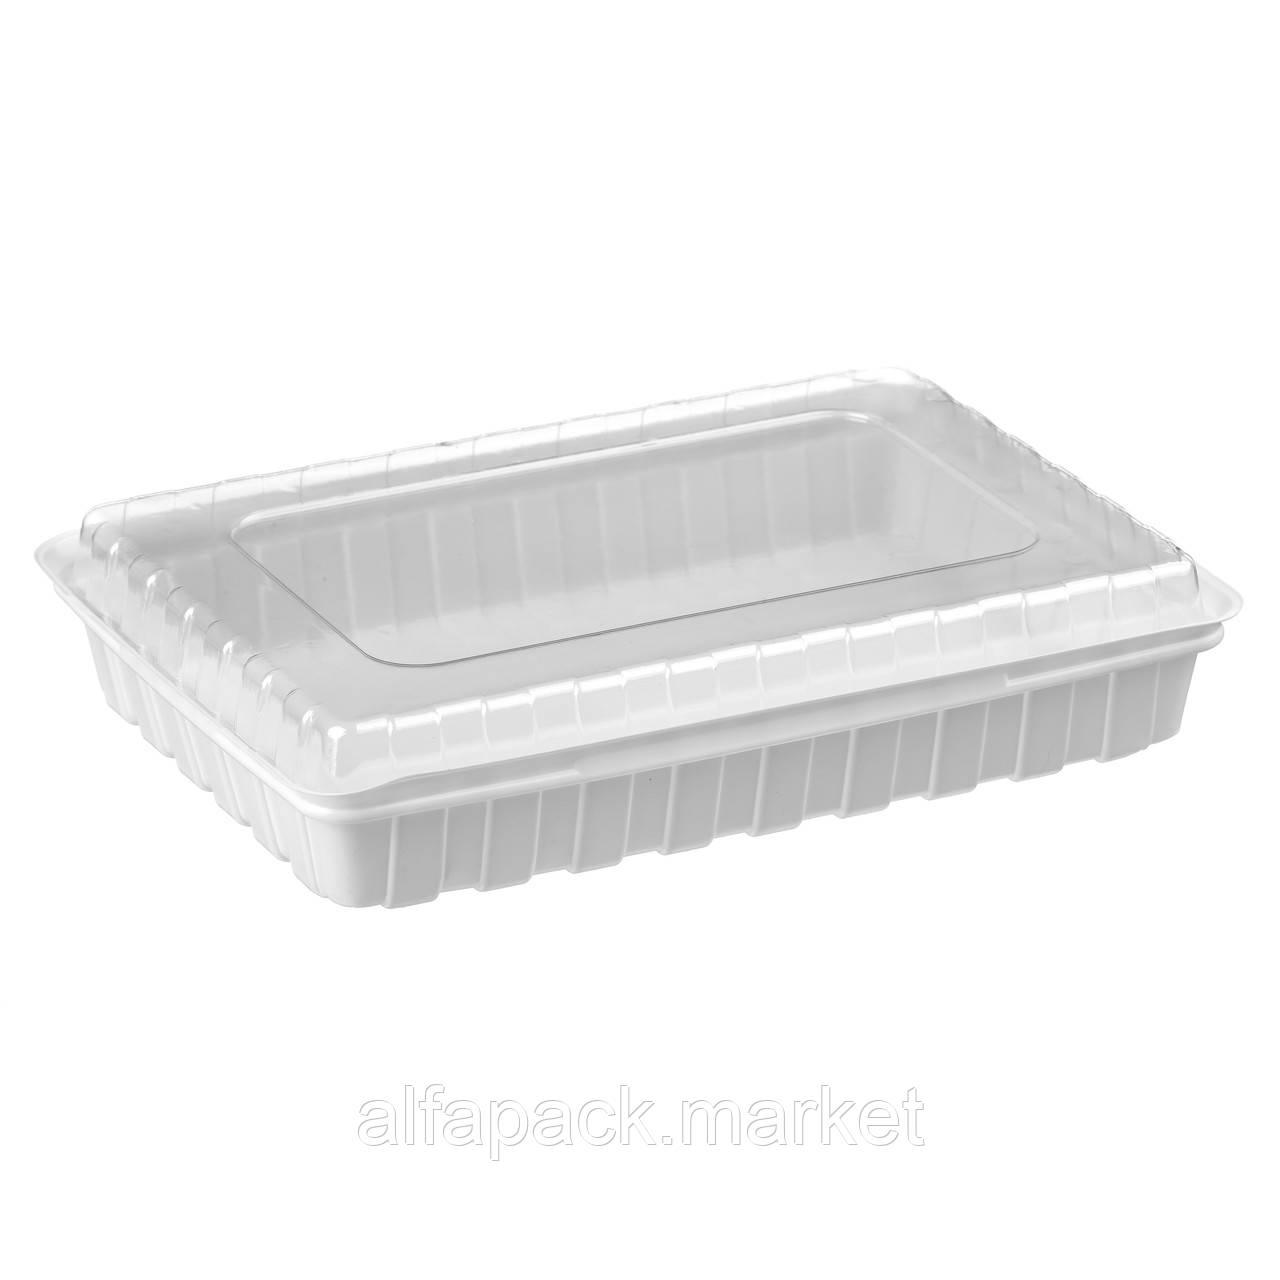 ПС-61 Блистерная упаковка для суши, 278*195*40 (180 шт в упаковке) 010100133